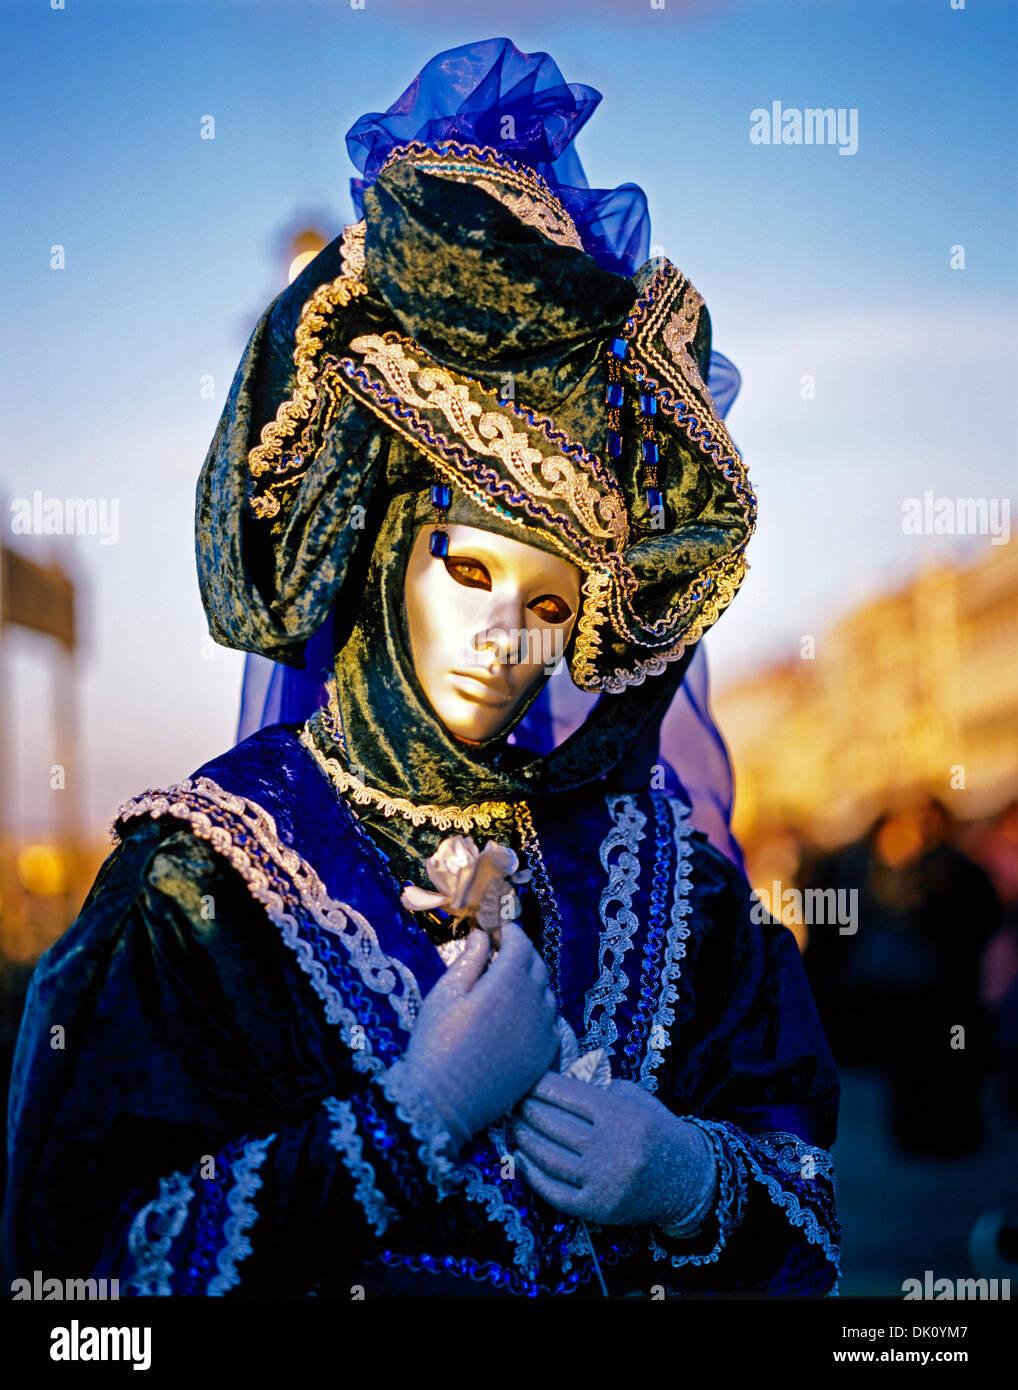 En participant à l'assemblée annuelle de costumes de carnaval masqué, Venise, Italie, Europe Photo Stock